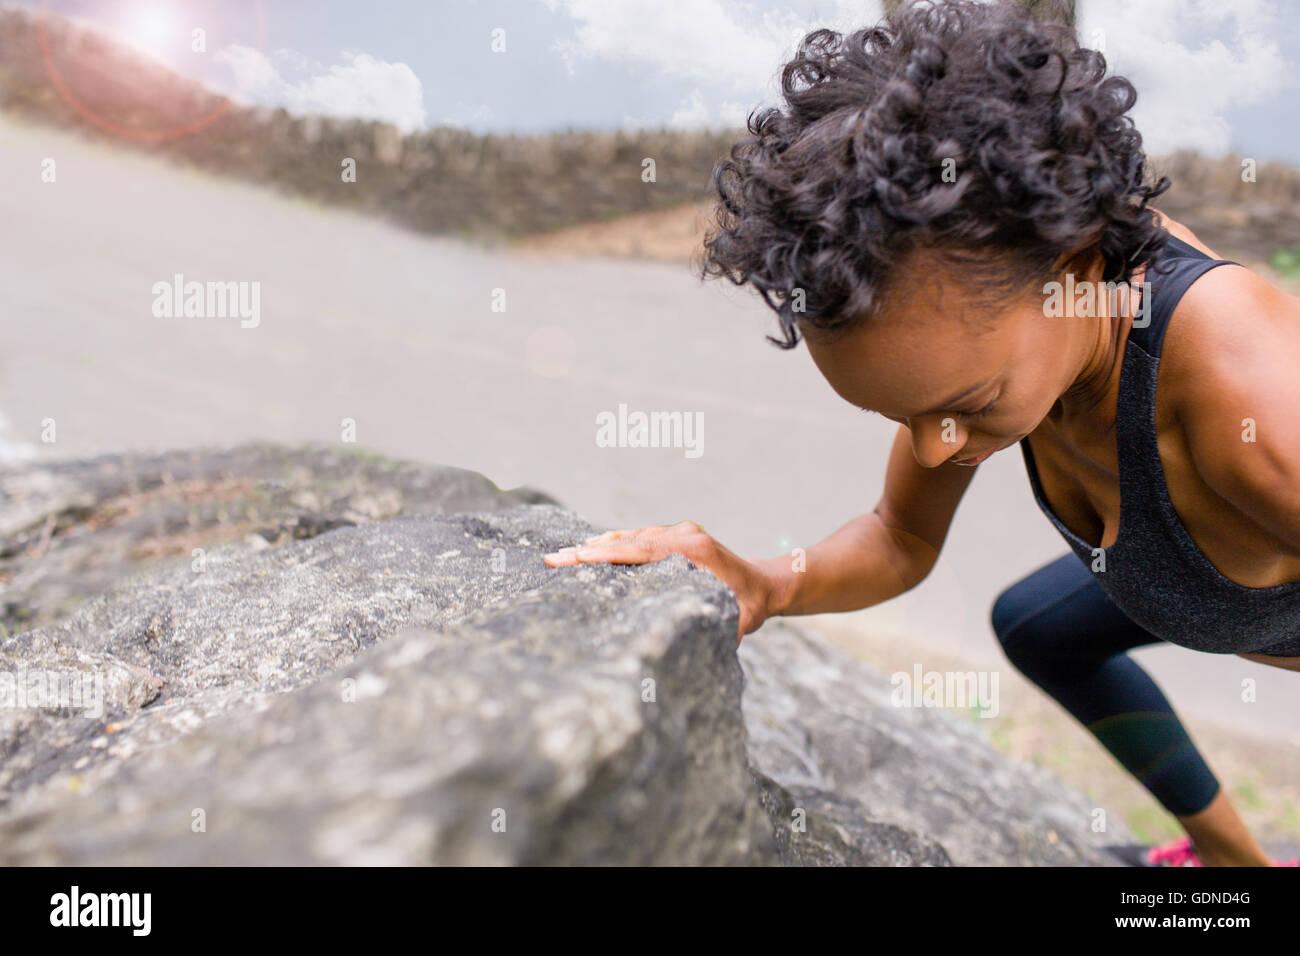 Mujer de escalada en roca Imagen De Stock